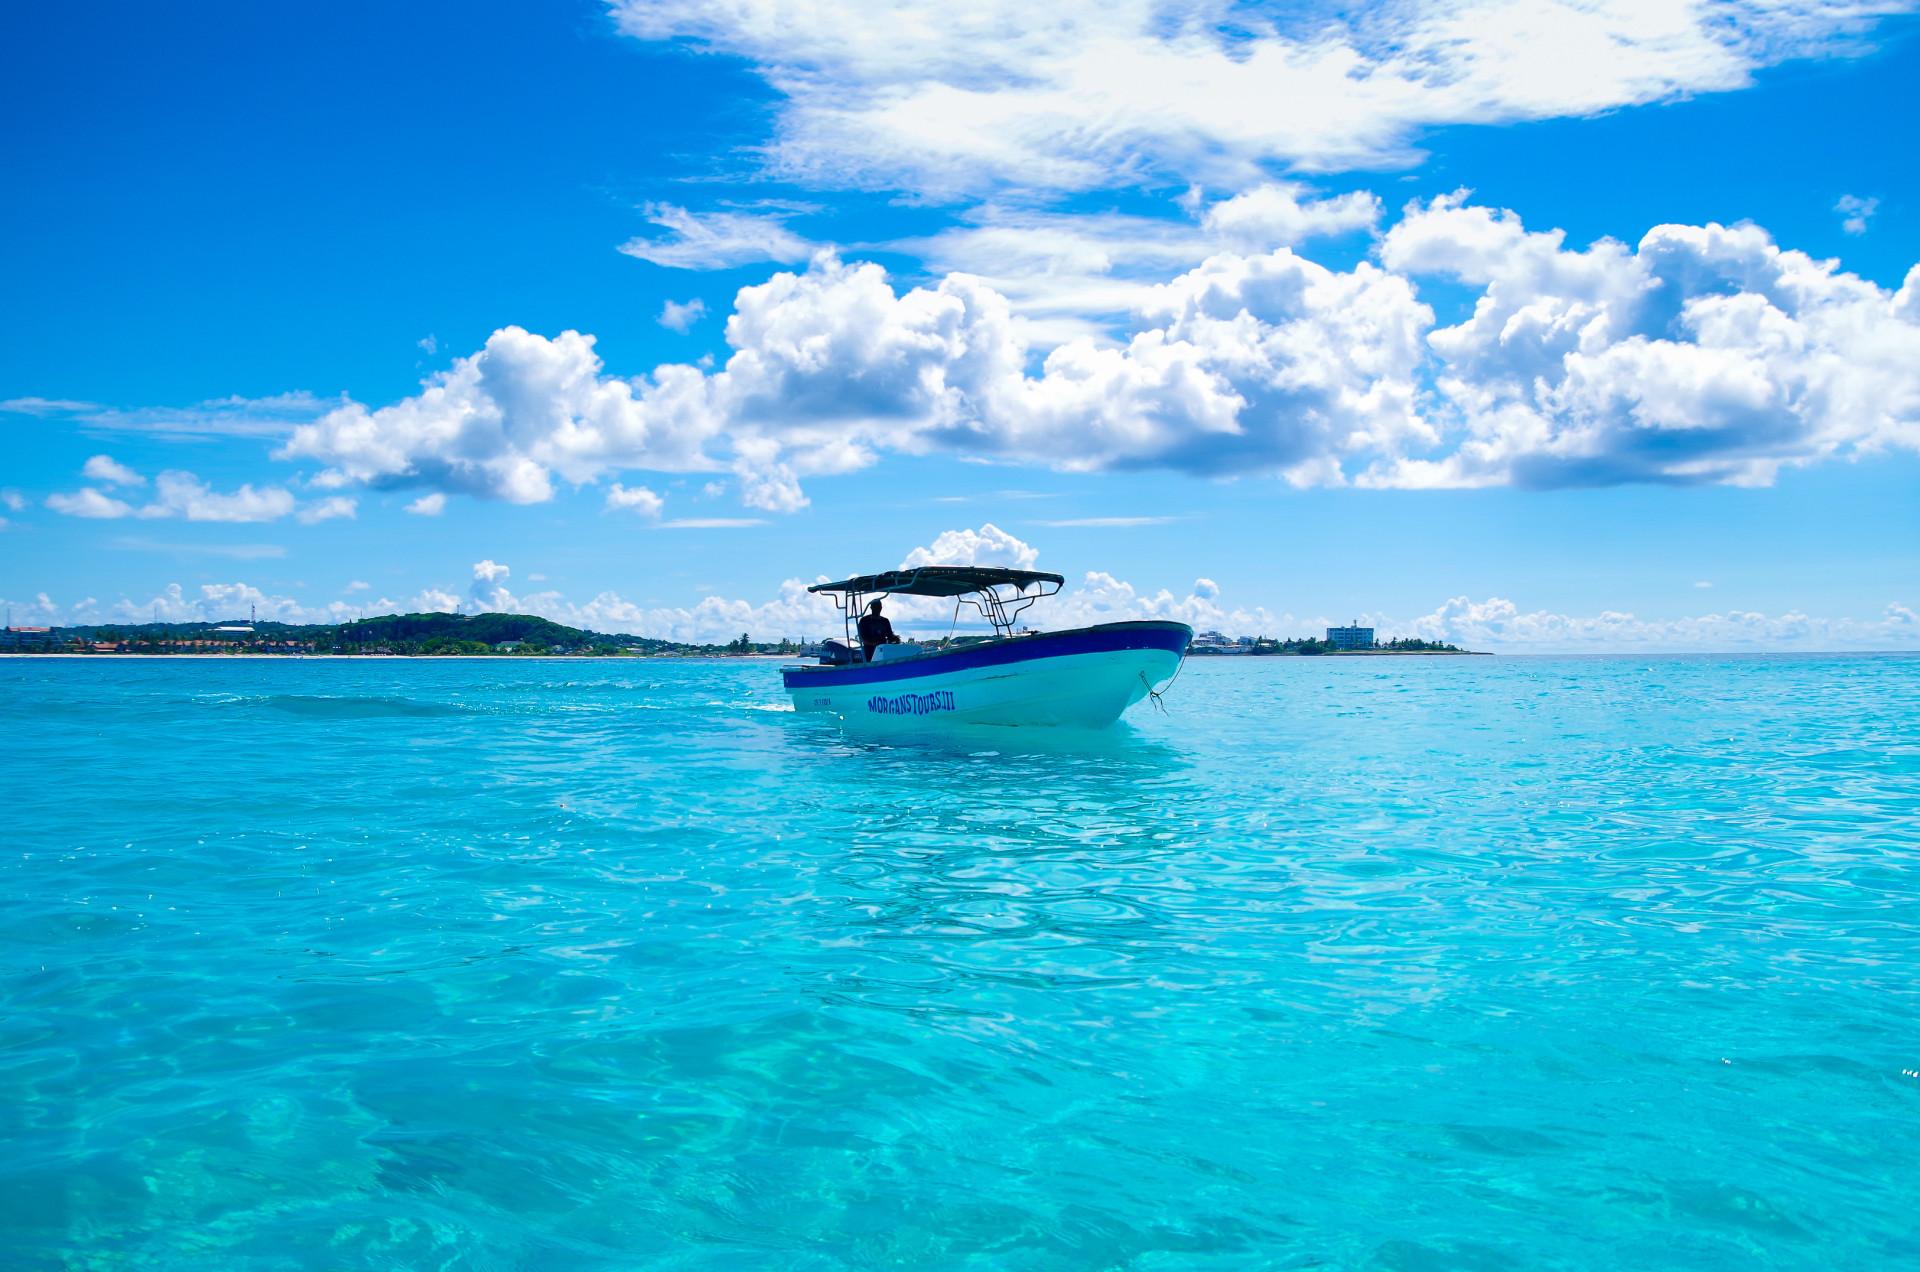 Destino: conheça ótimas praias na América para passar férias